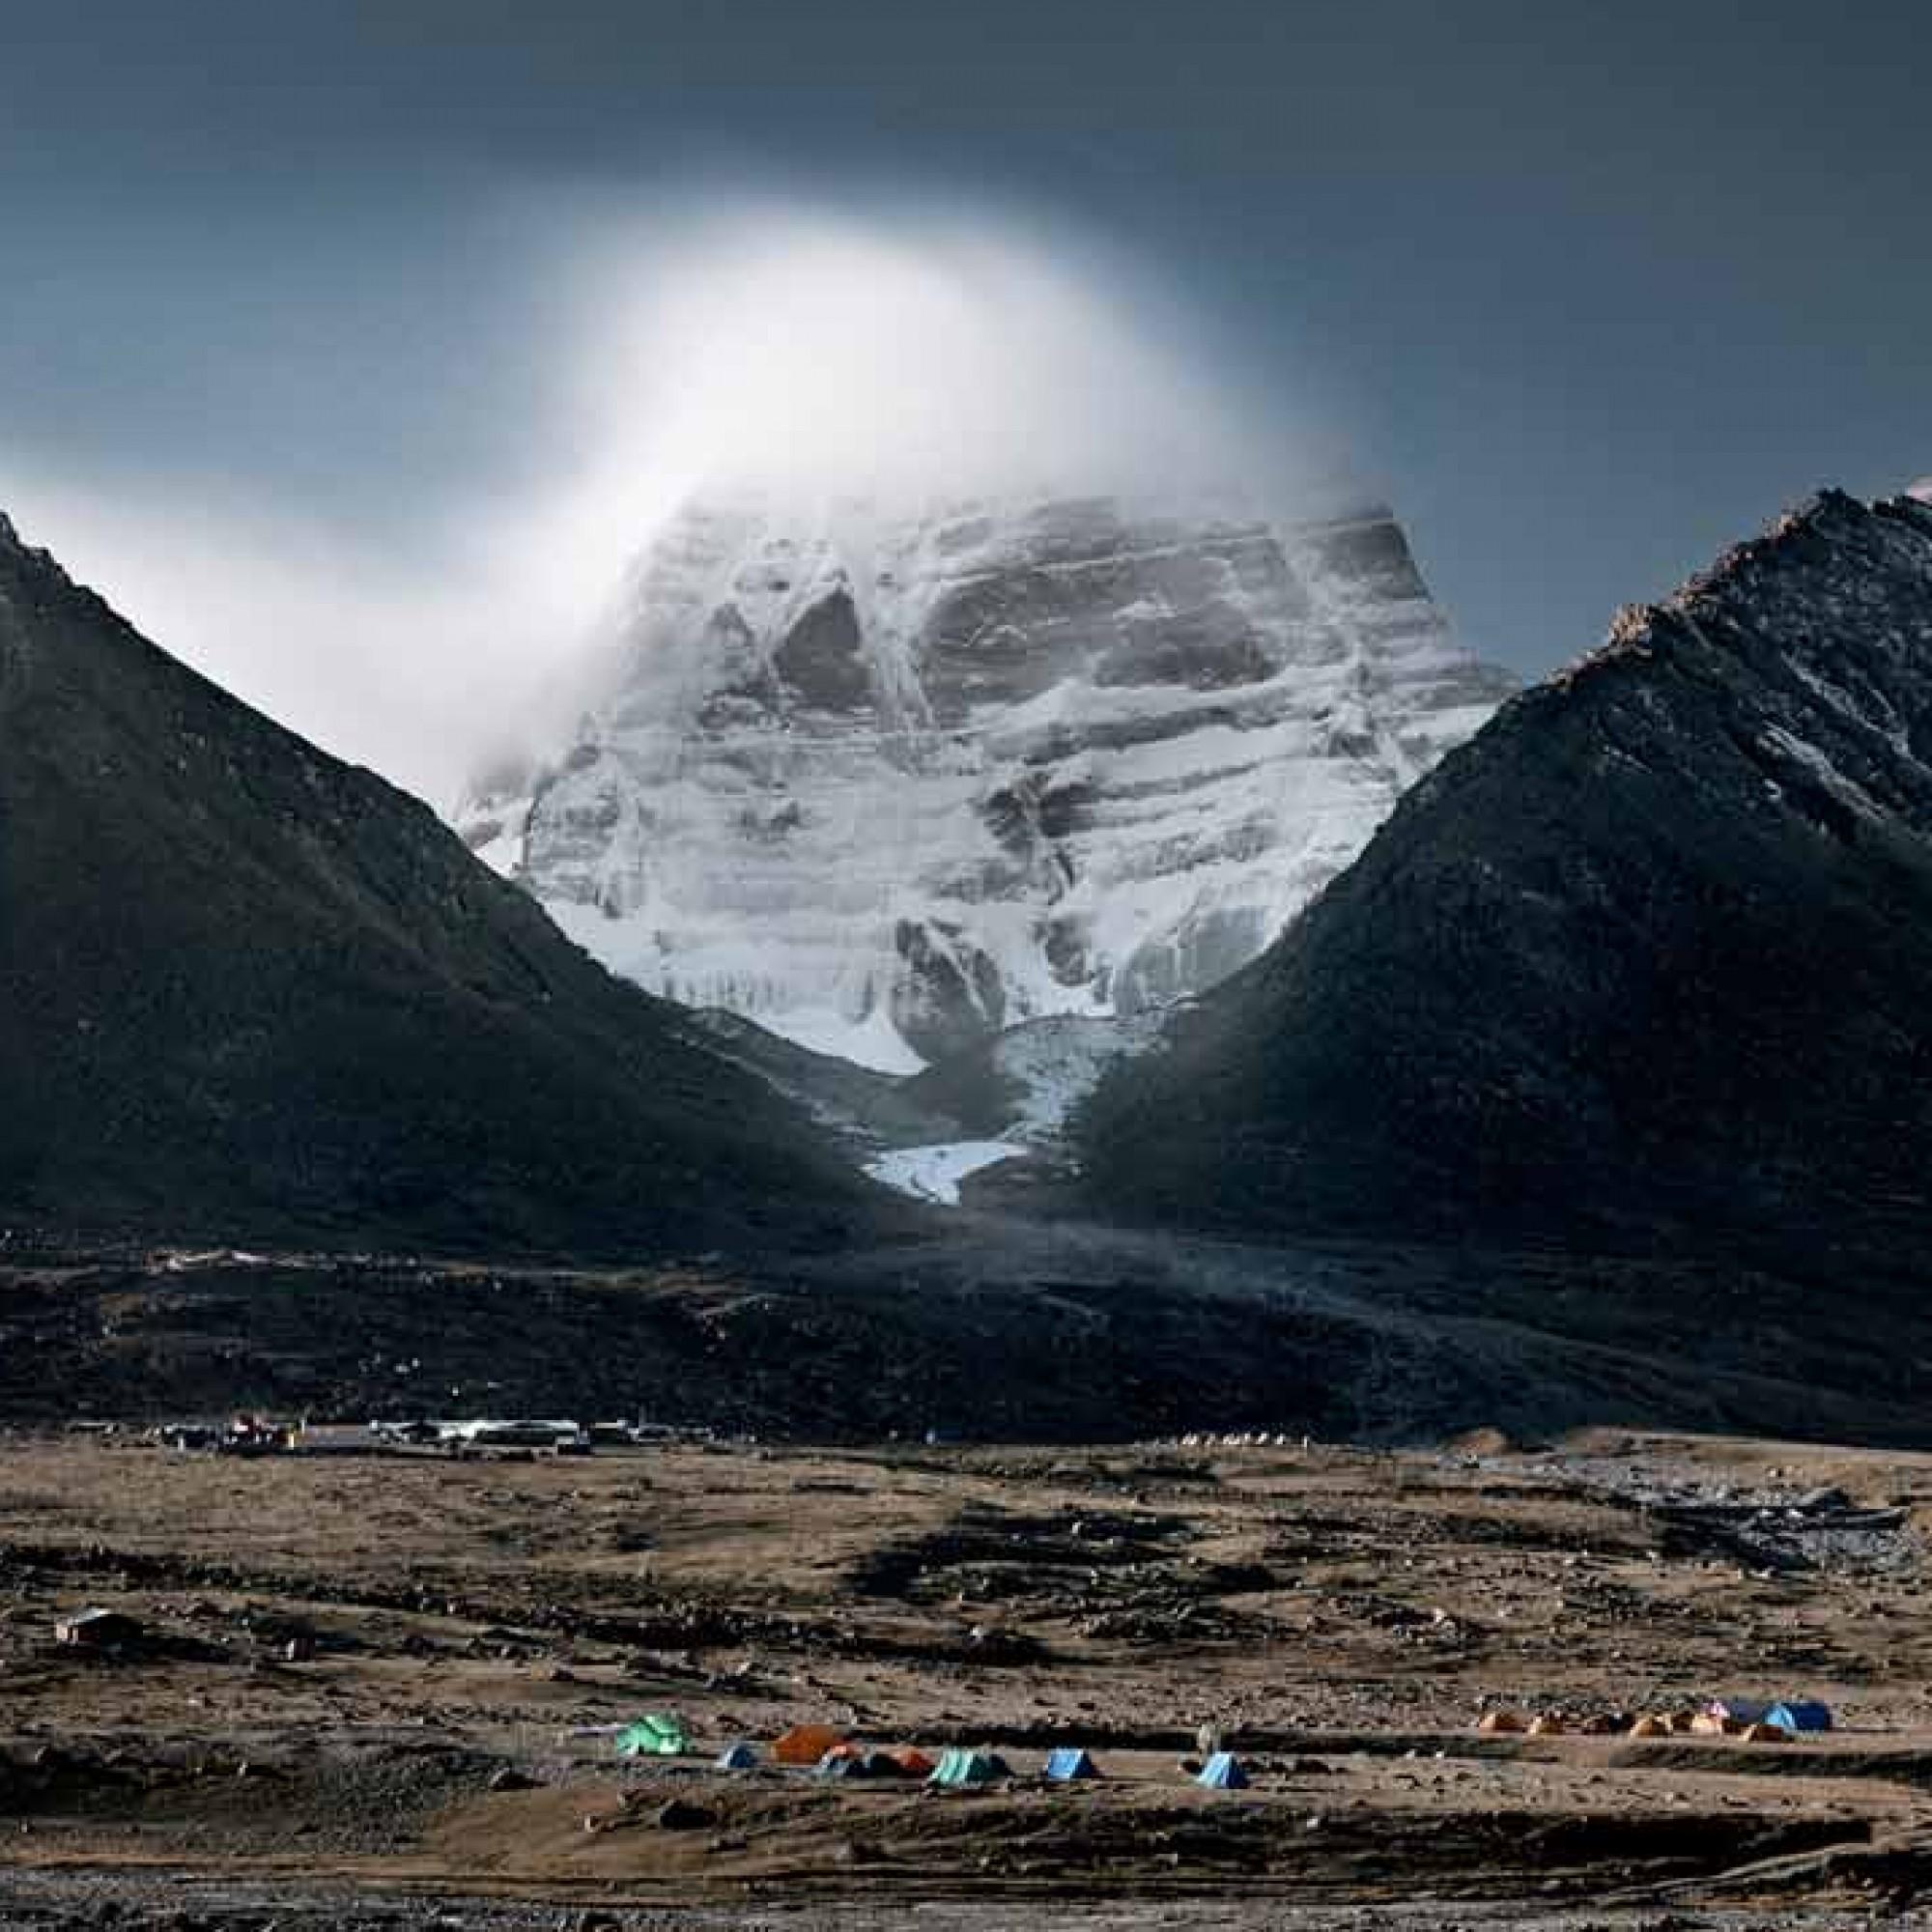 Eine erhabene, ferne Welt: Peter Zuder fotografierte den Kailash. (Samuel Zuder, Hatje Cantz Verlag)